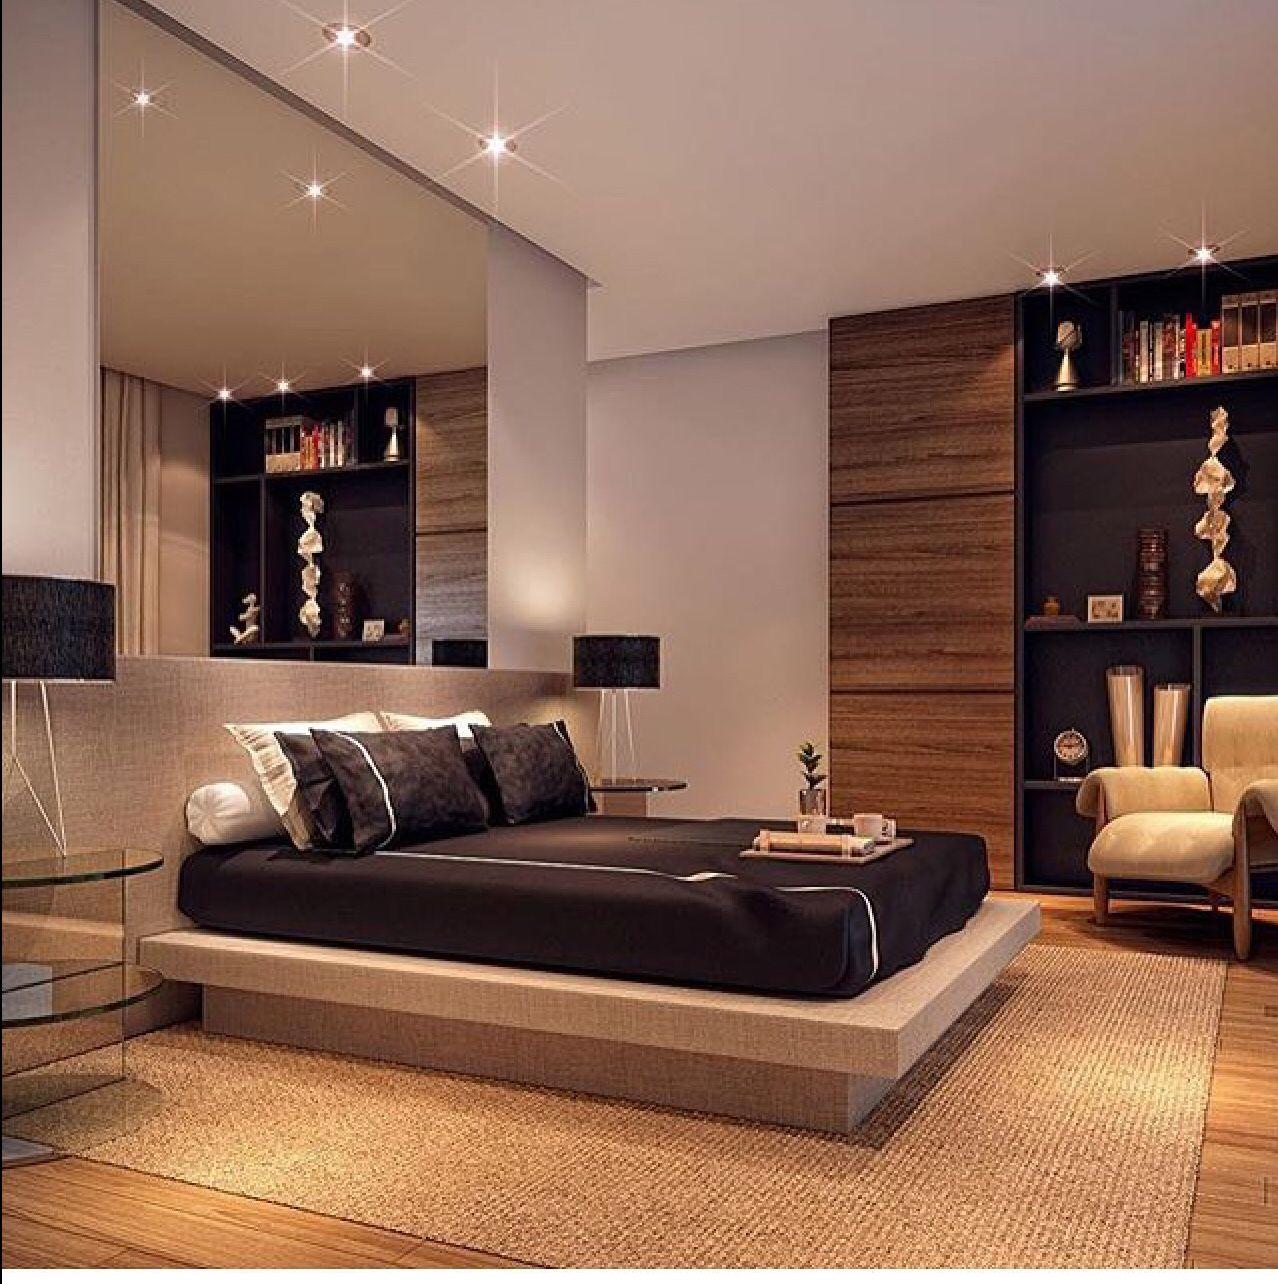 Pin de guadalupe duran en recamaras dormitorio ikea cama japonesa y casas - Habitaciones estilo japones ...